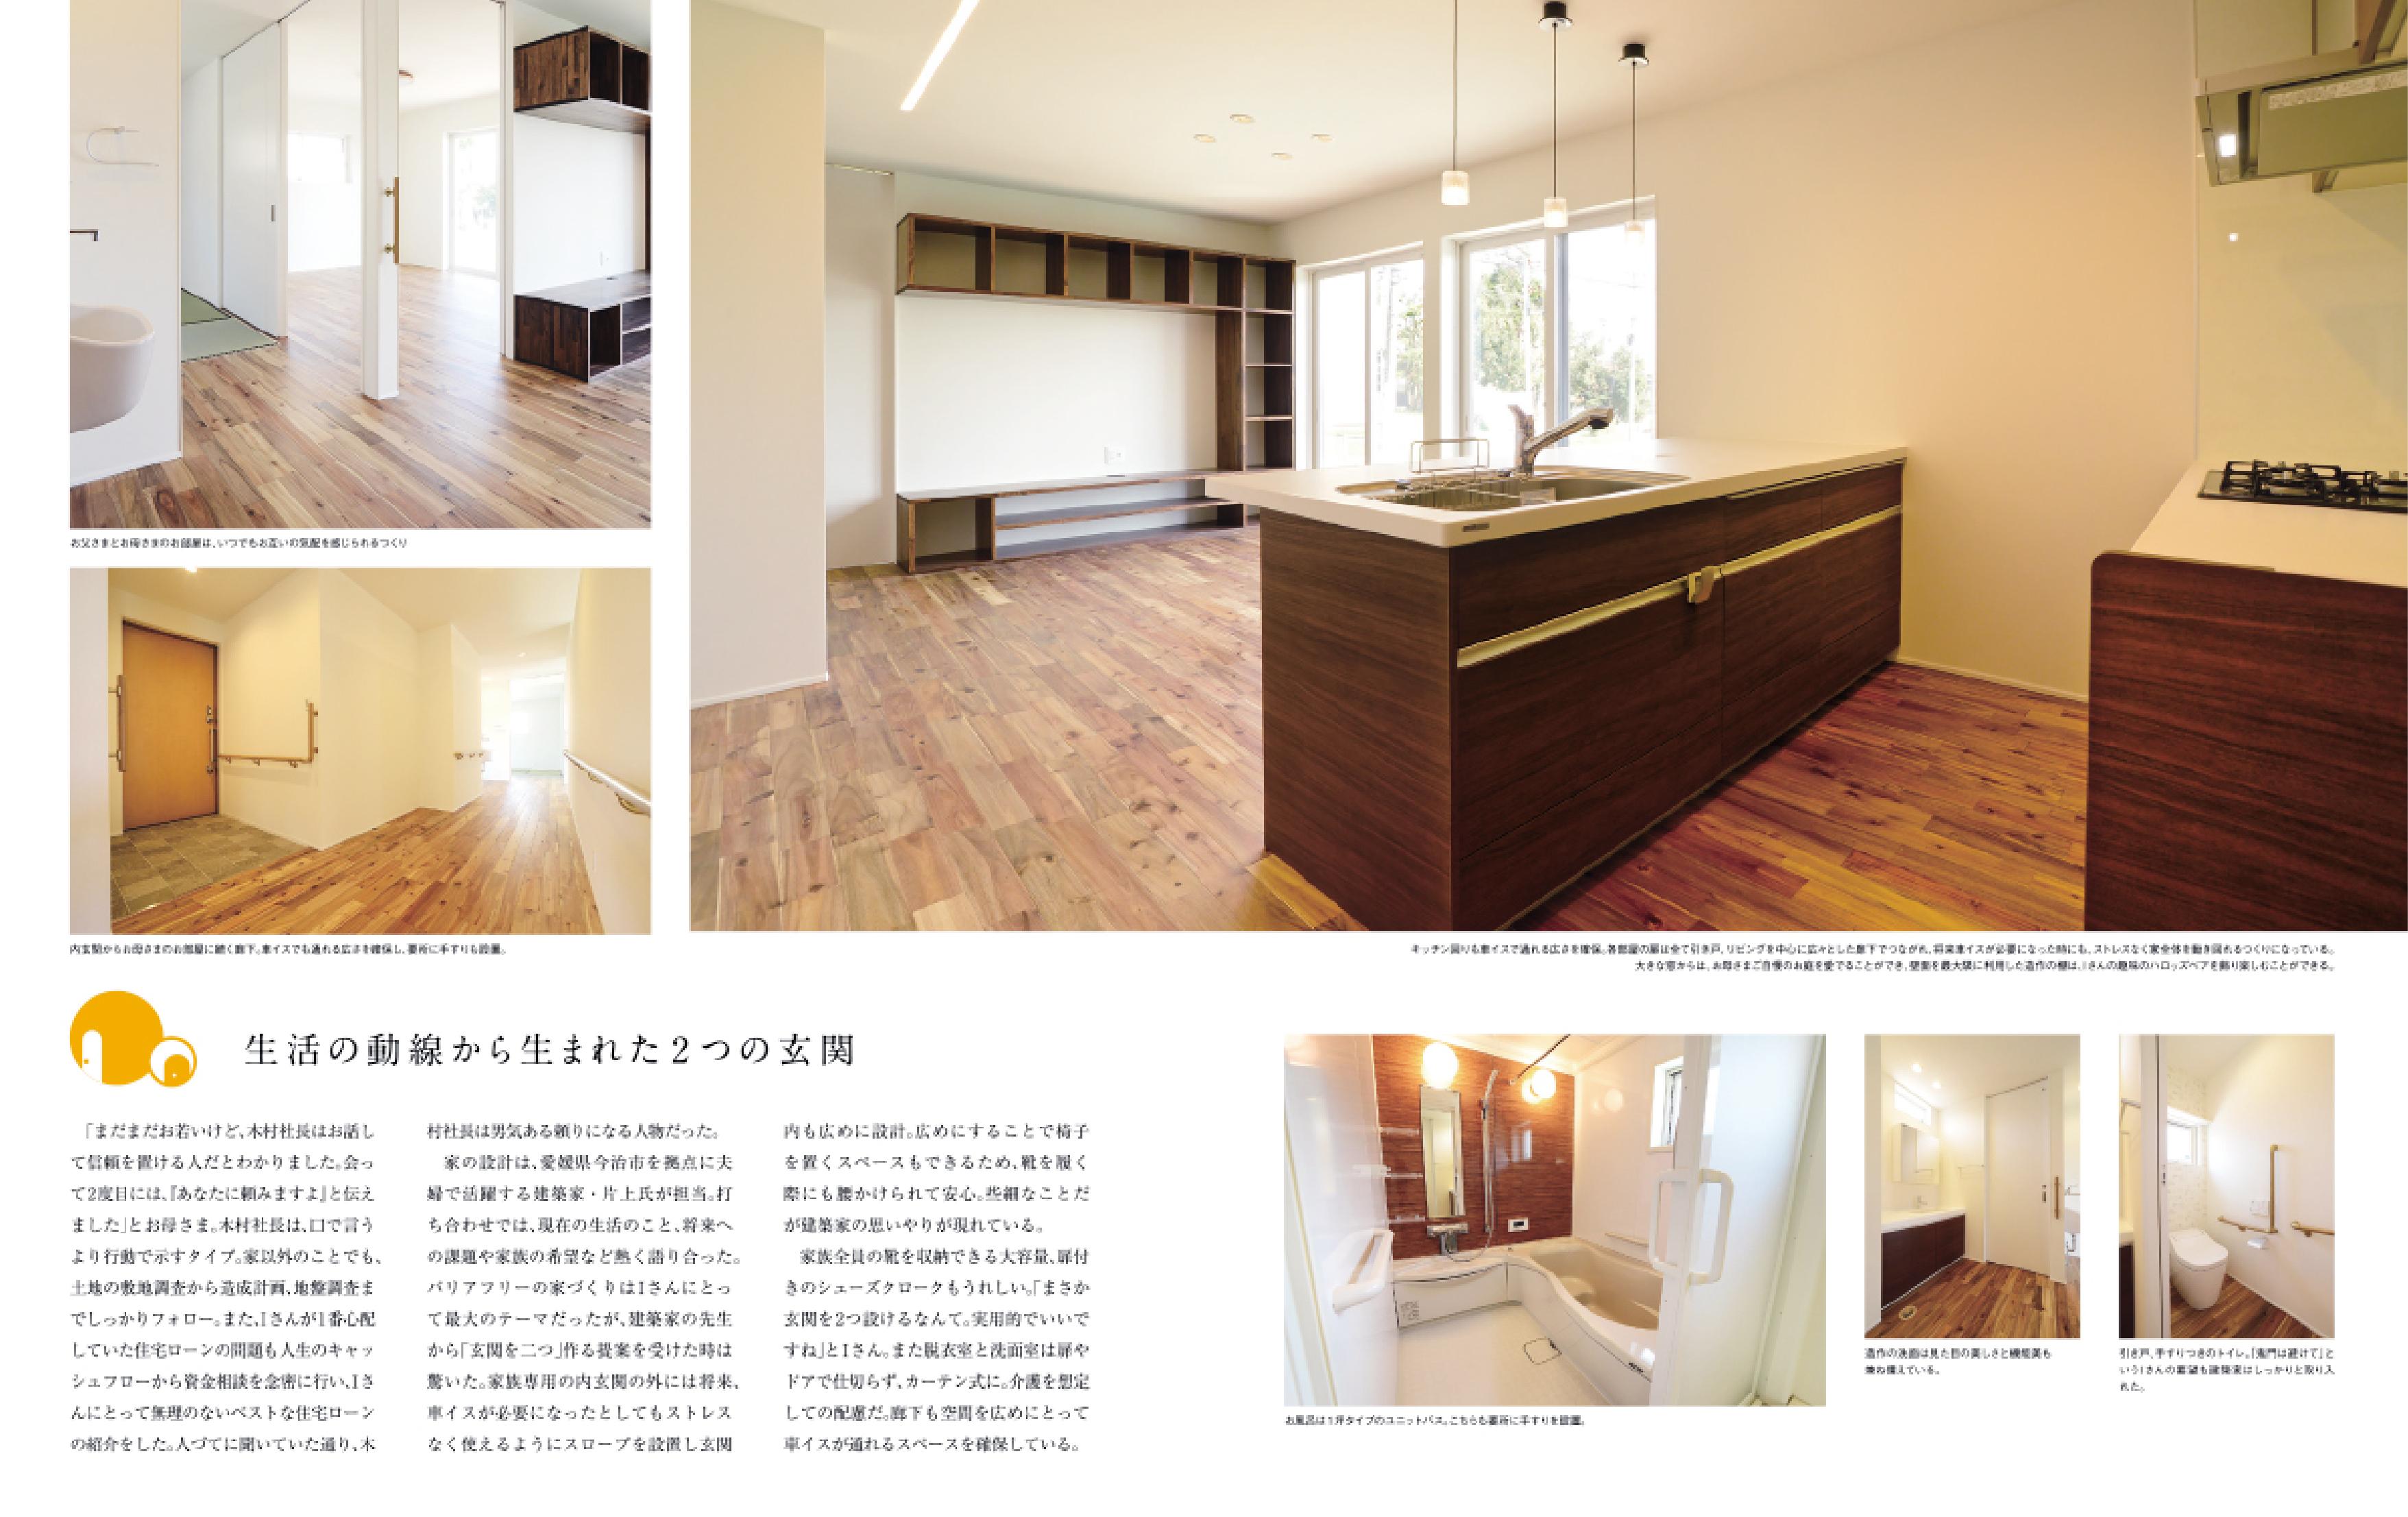 「住まいの提案、熊本。vol.12」3